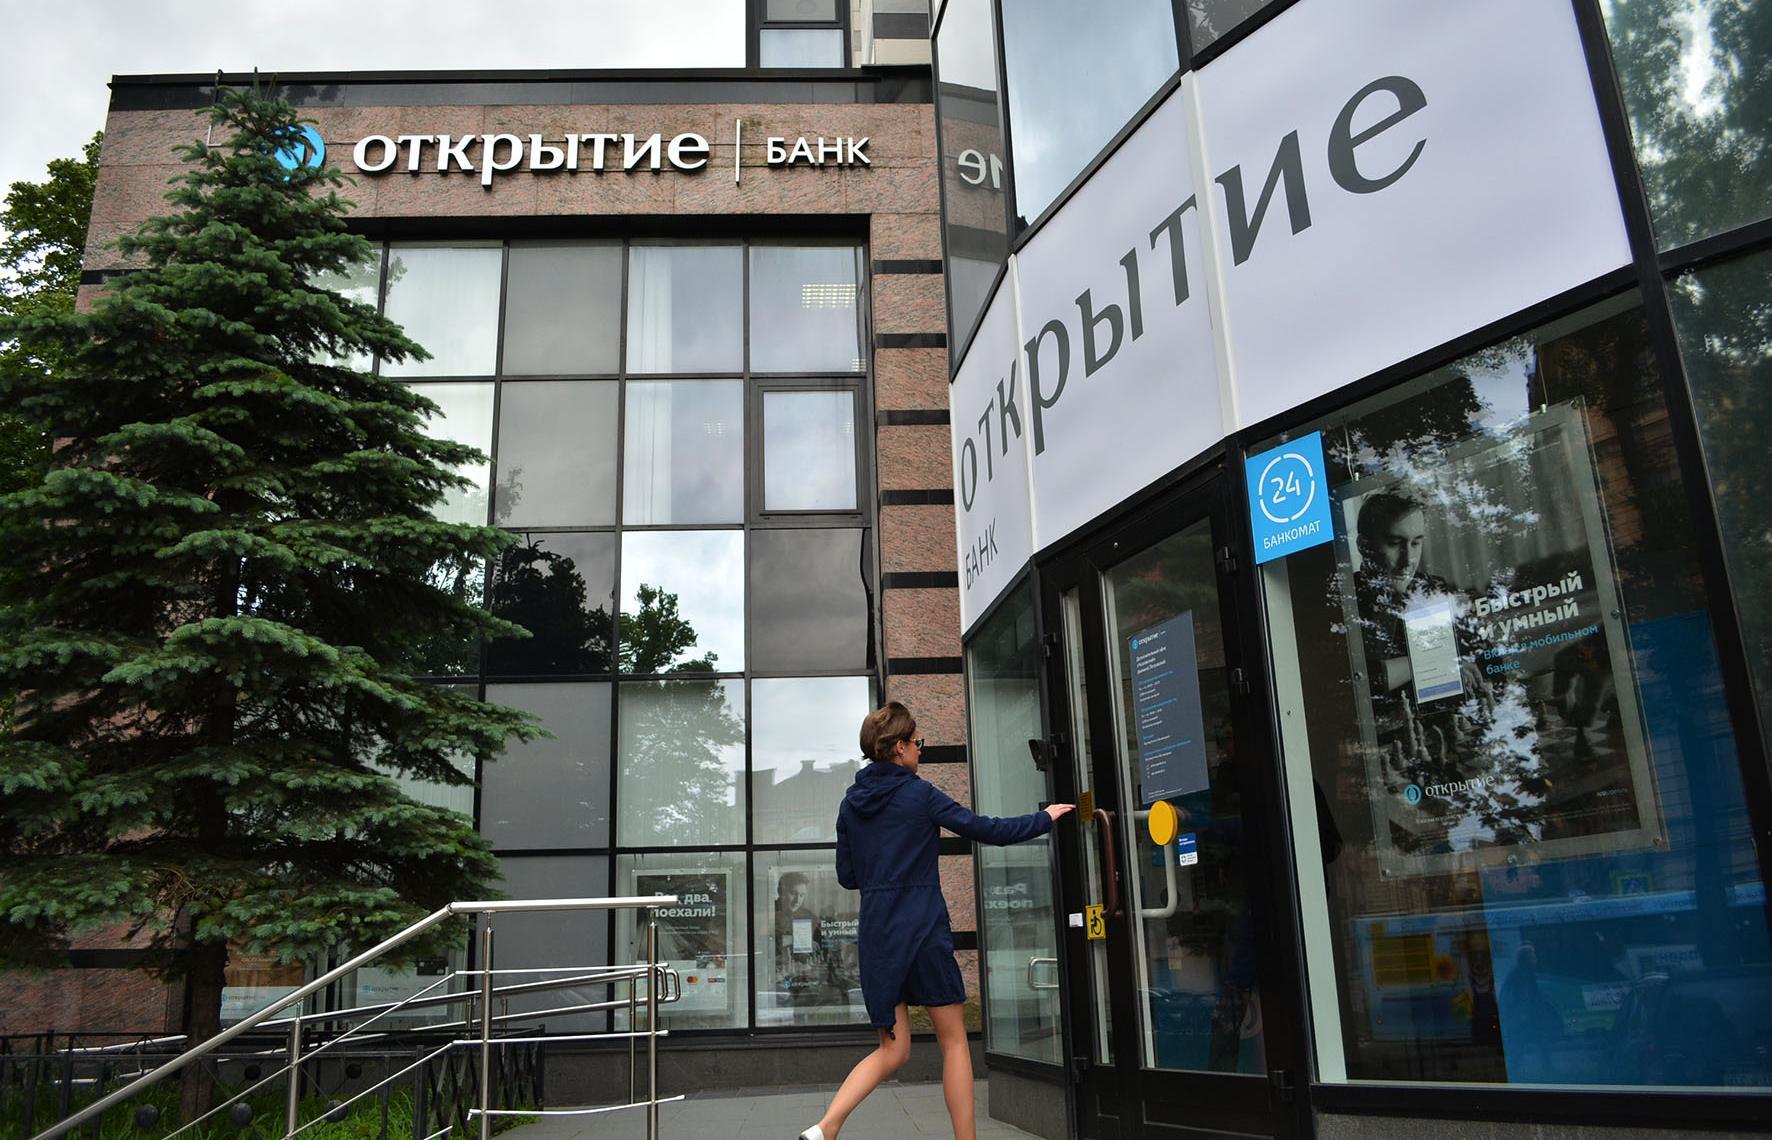 Чистая прибыль группы «Открытие» по итогам 1 полугодия 2020 года по МСФО составила 14,8 млрд рублей - новости Афанасий